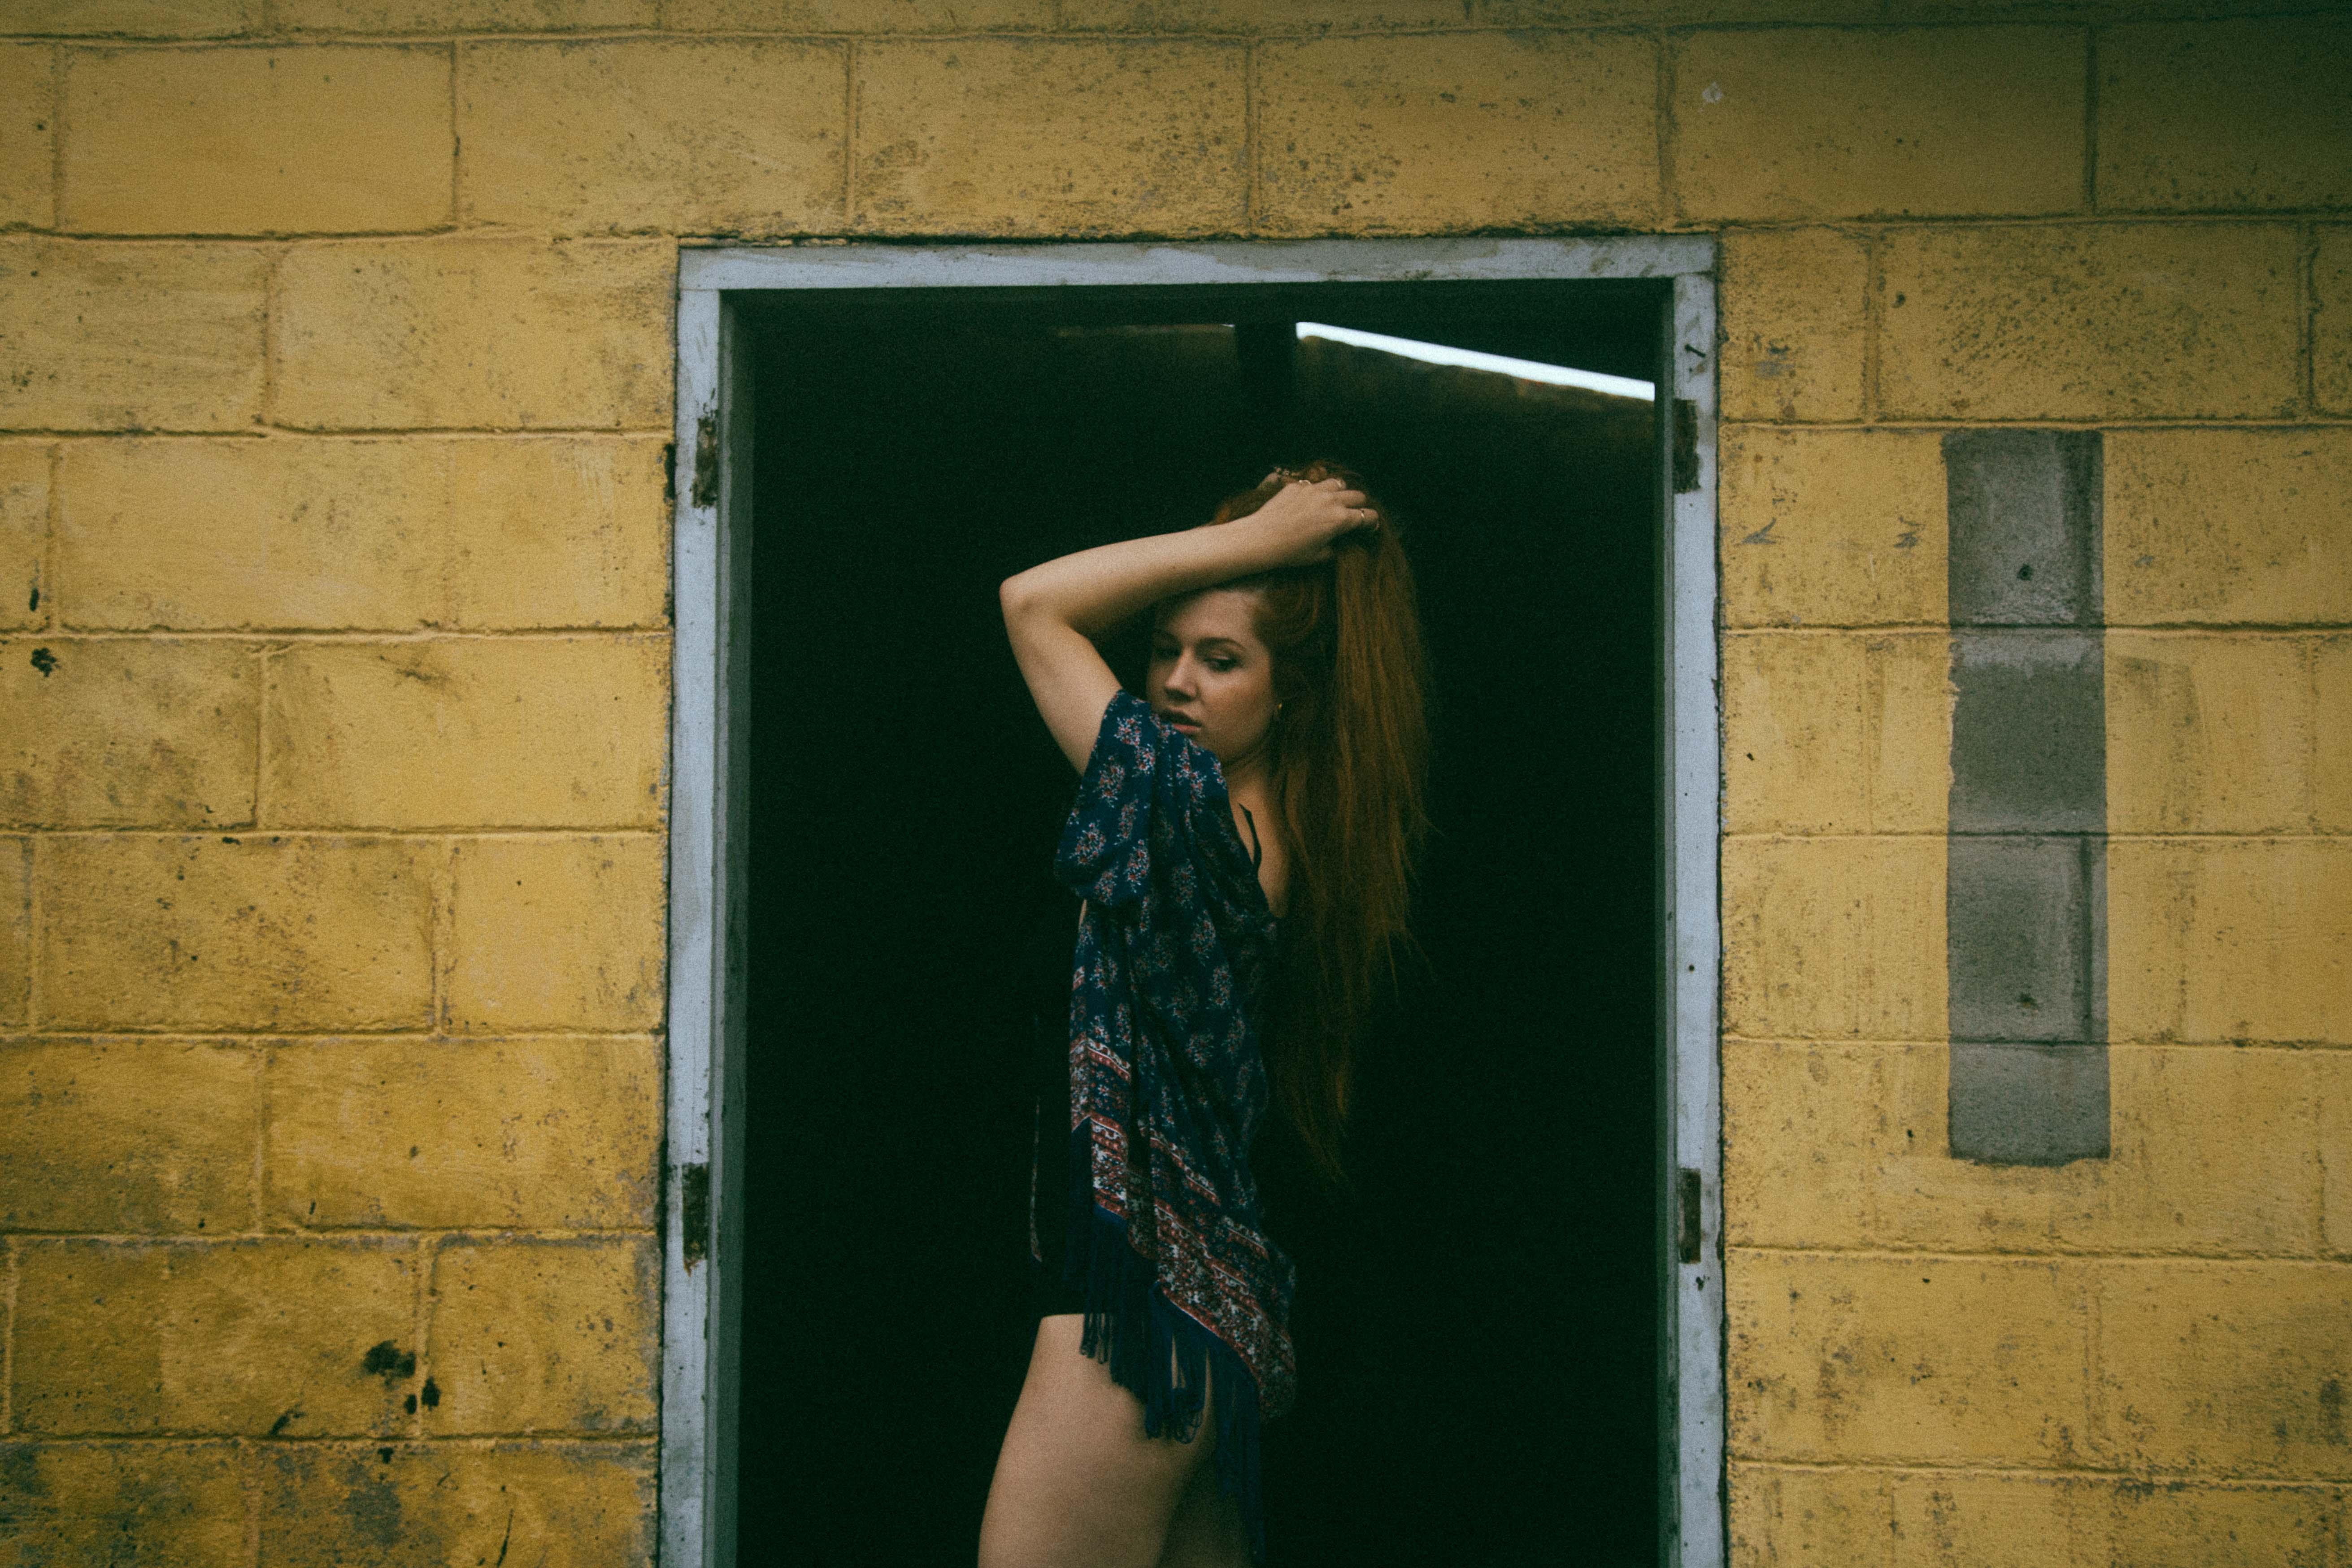 iPhotoChannel_mayara-rios_maria-carolina_papo-de-homem_bom-dia_fotografia_mulher_9